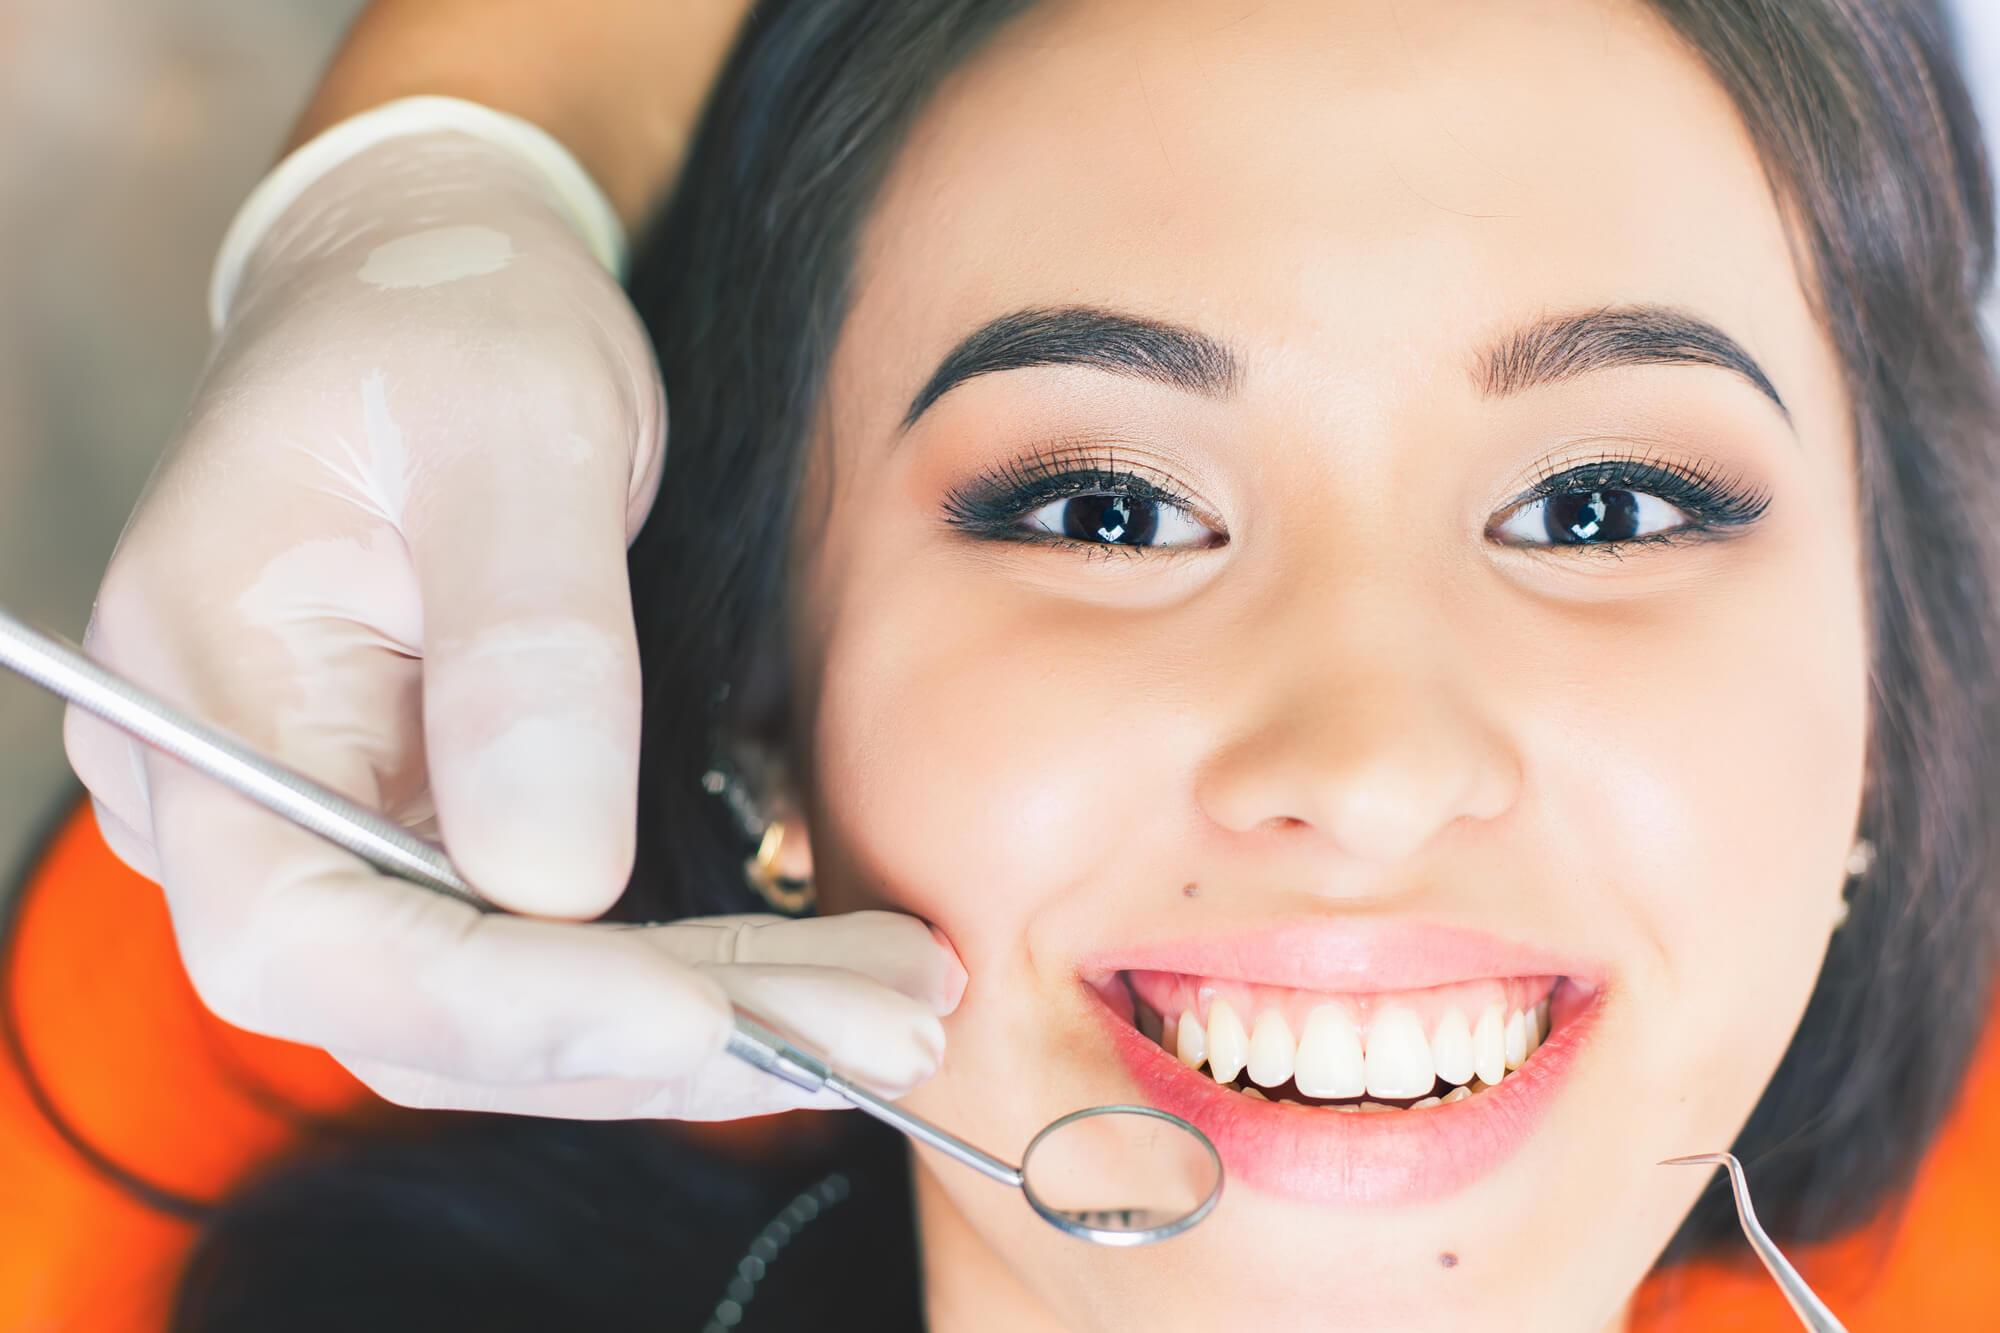 Receiving dental implants in conroe